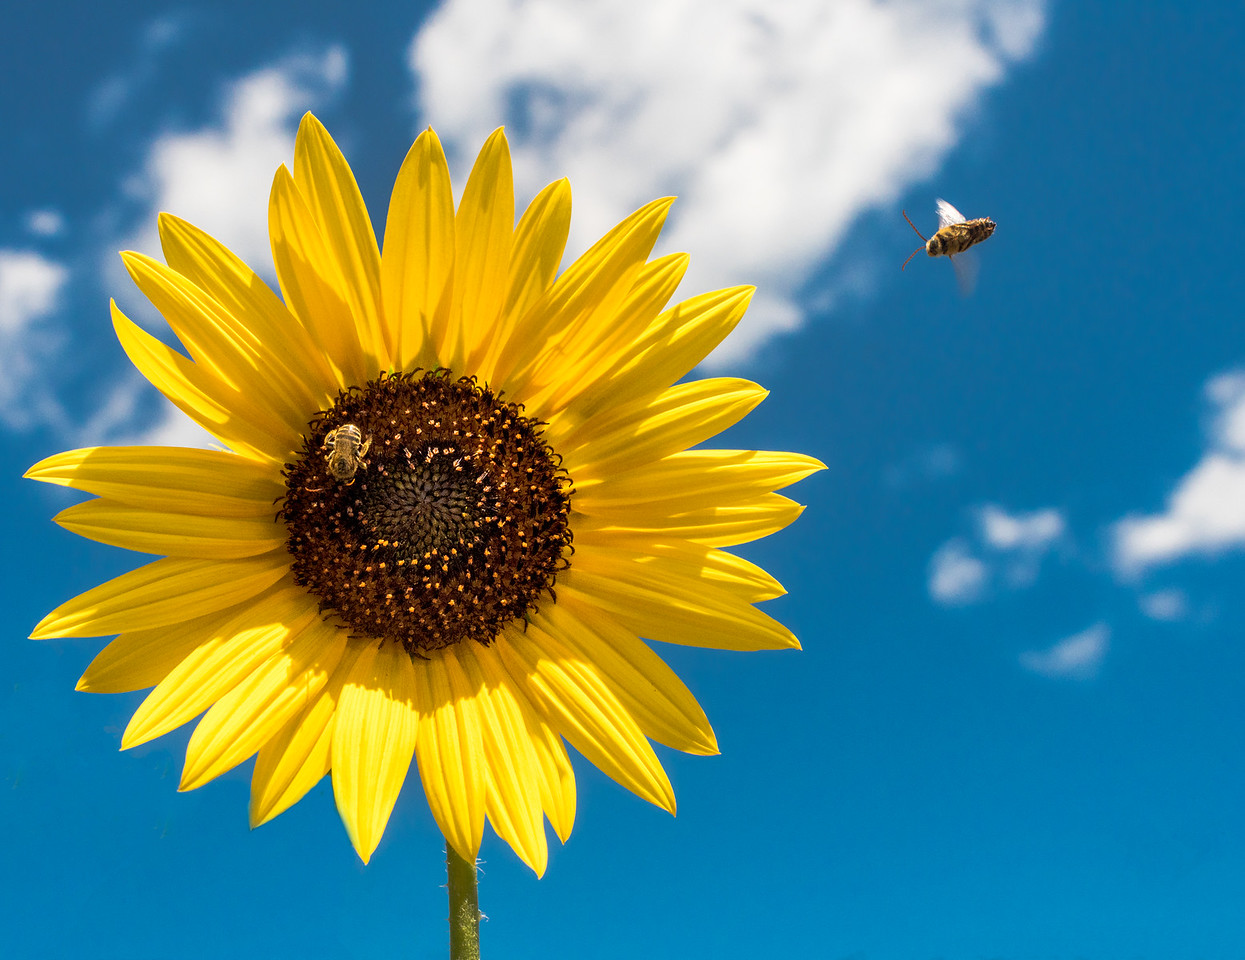 Sunflower & Friends